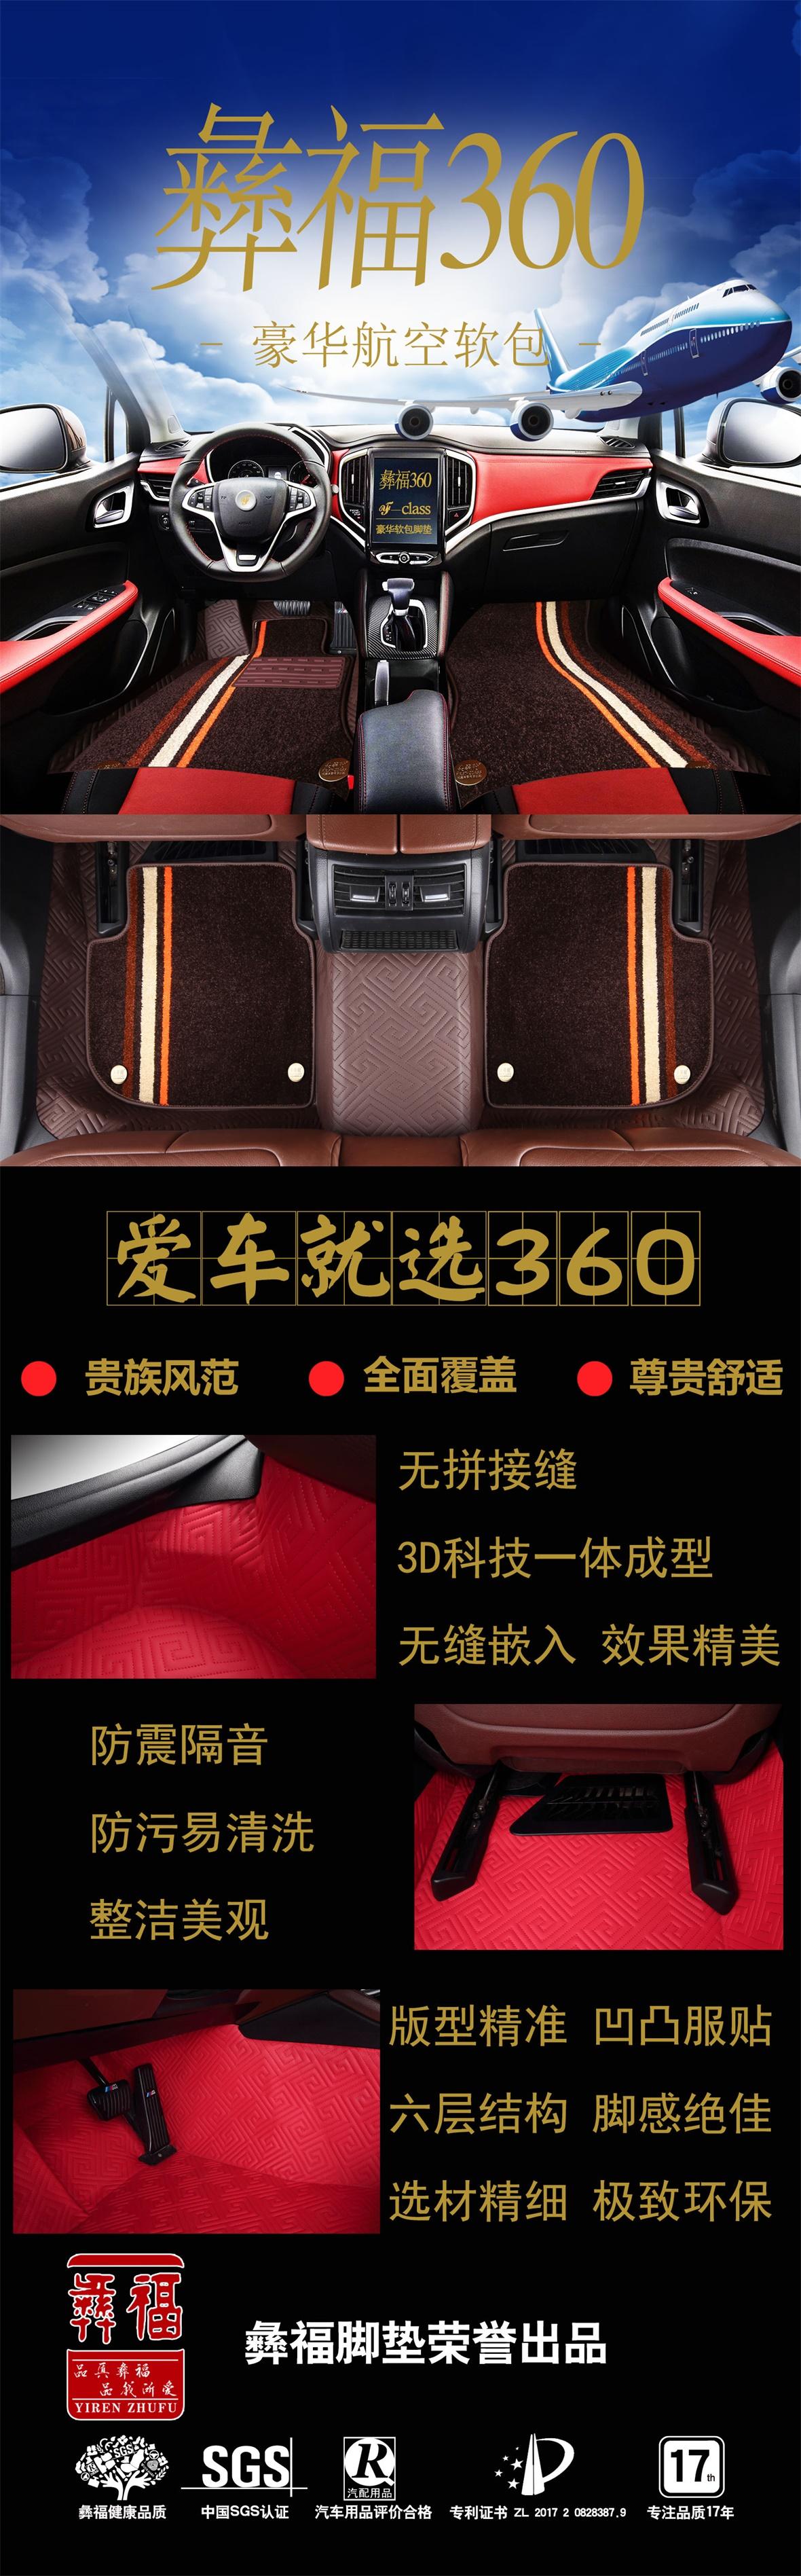 2-1-門型架56X180cm 彝福.jpg